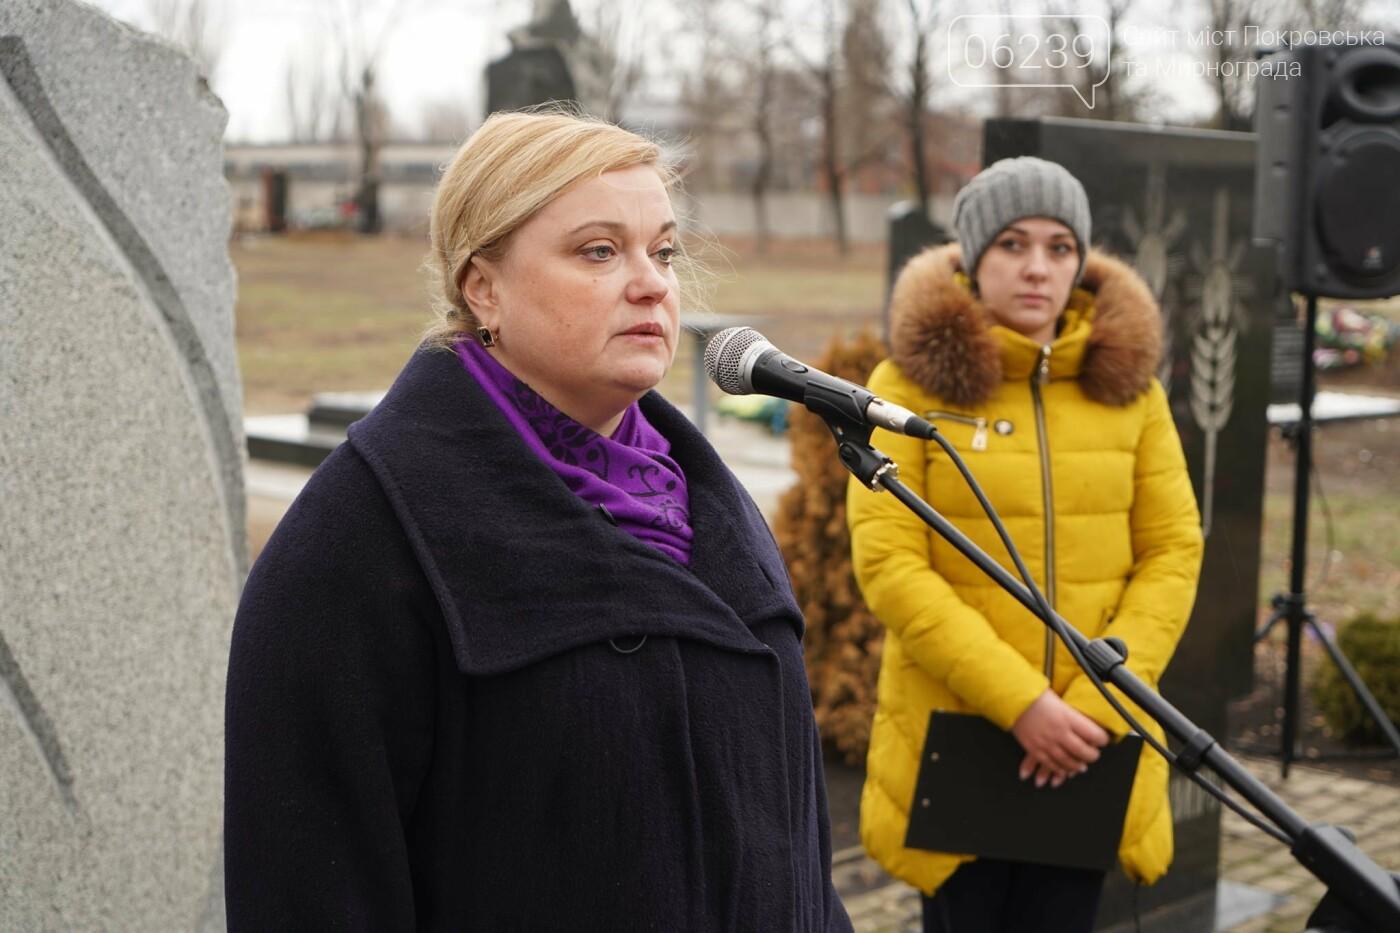 Покровчани вшанували пам'ять жертв Голокосту, фото-1